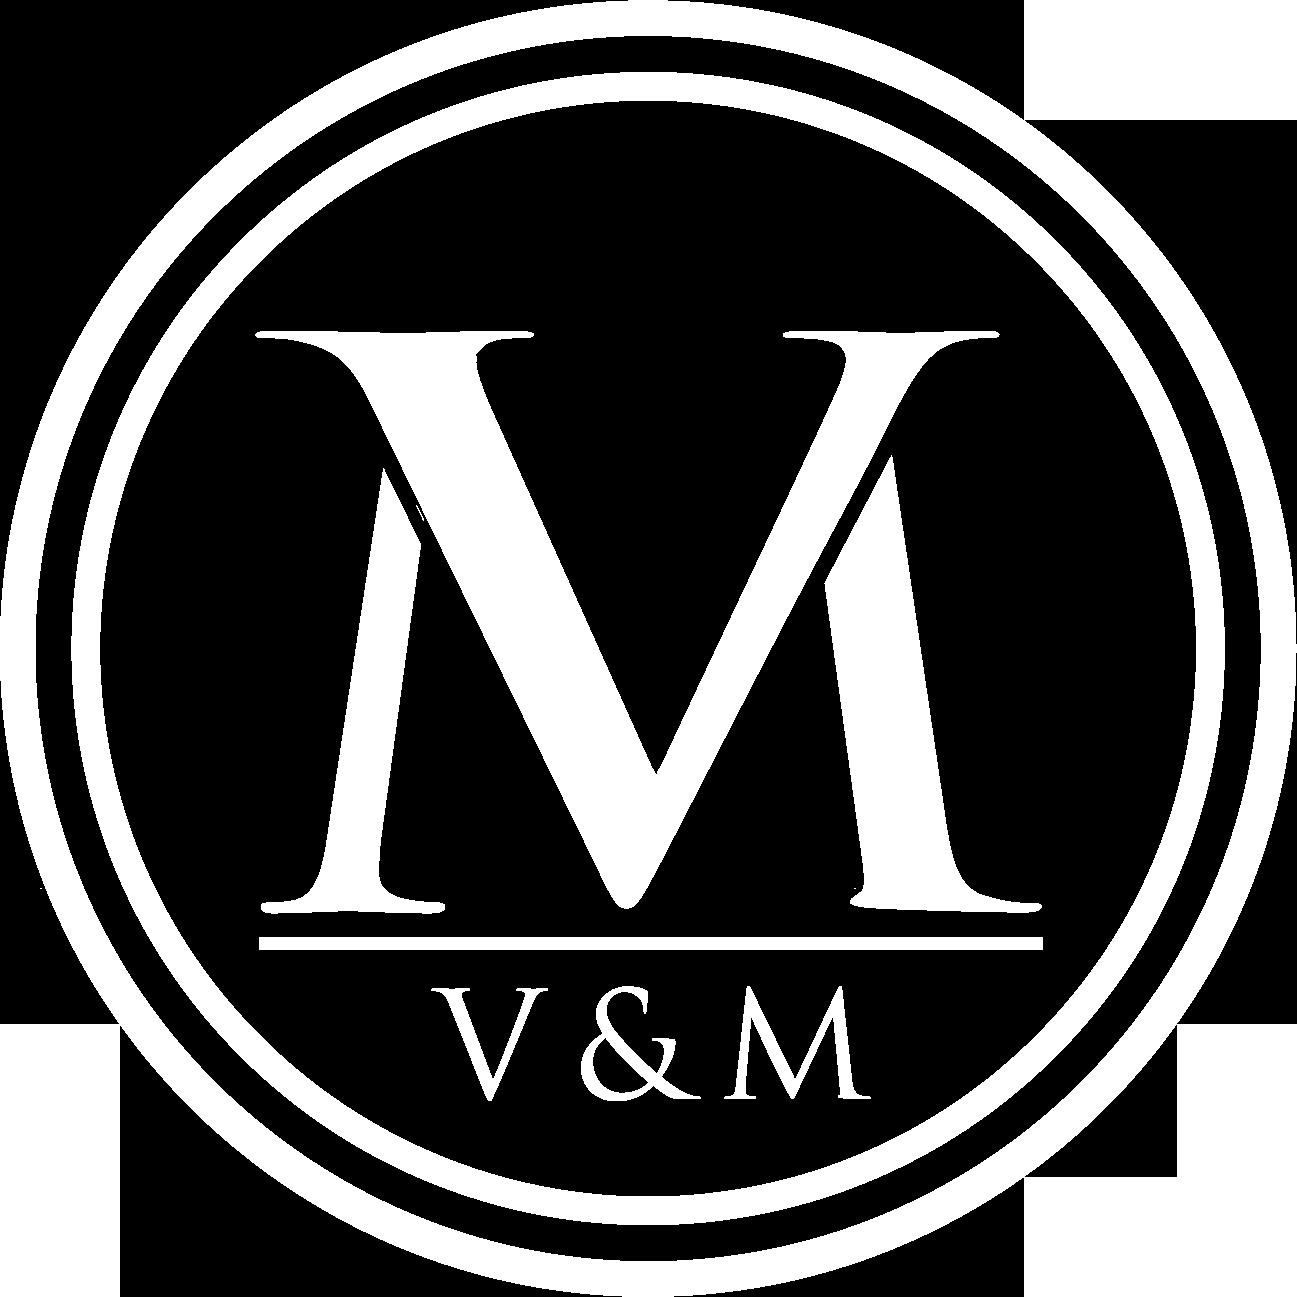 V&M Development